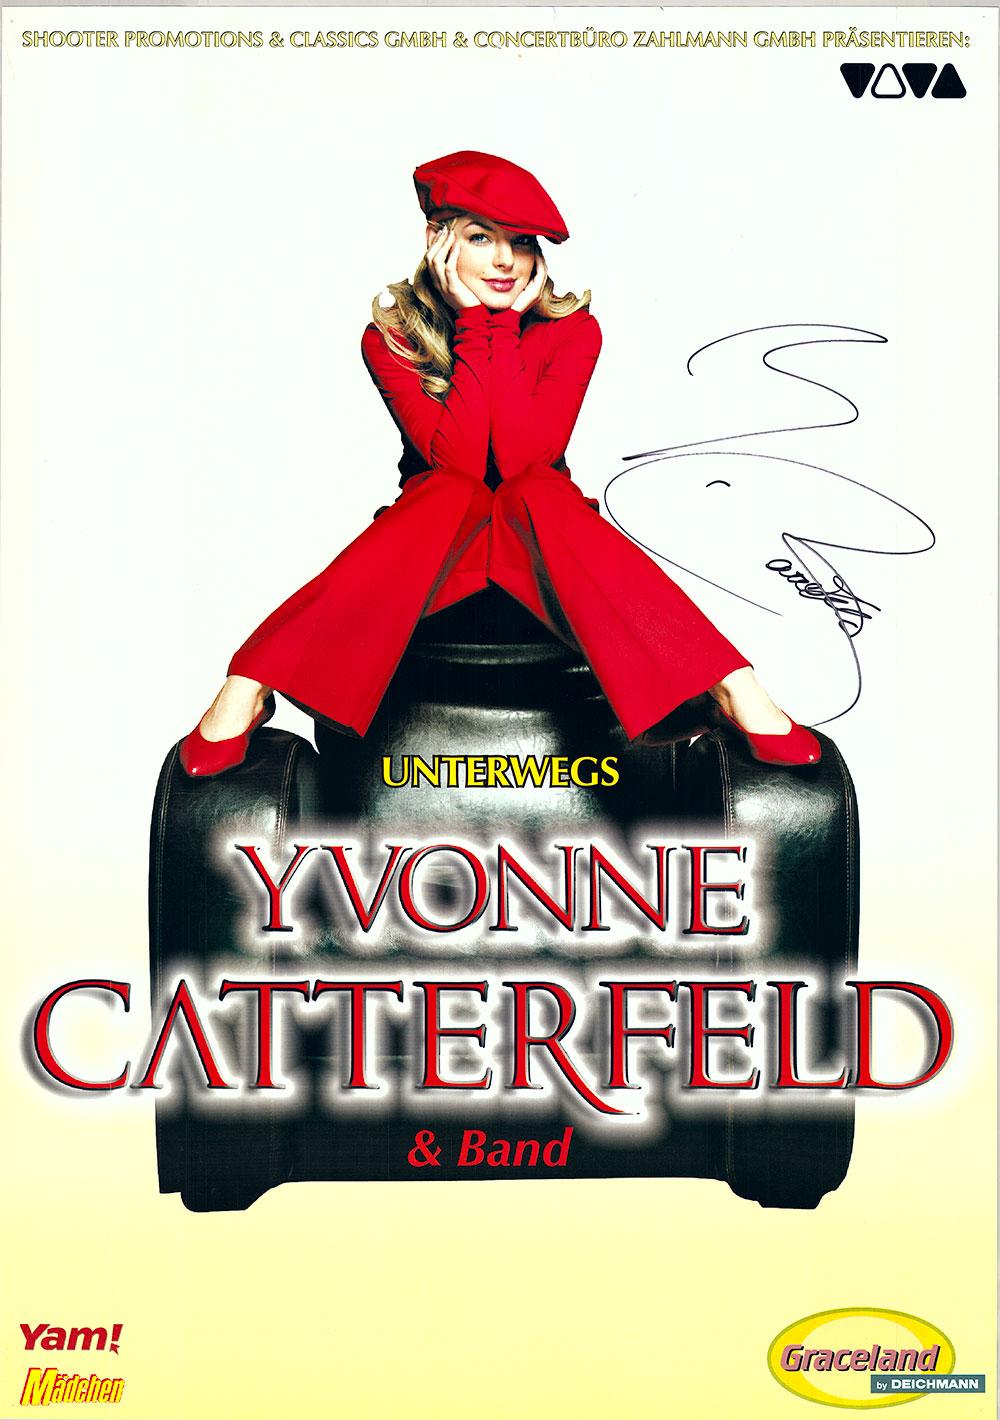 Inzwischen ist es etwas ruhiger um Yvonne Caterfield geworden,